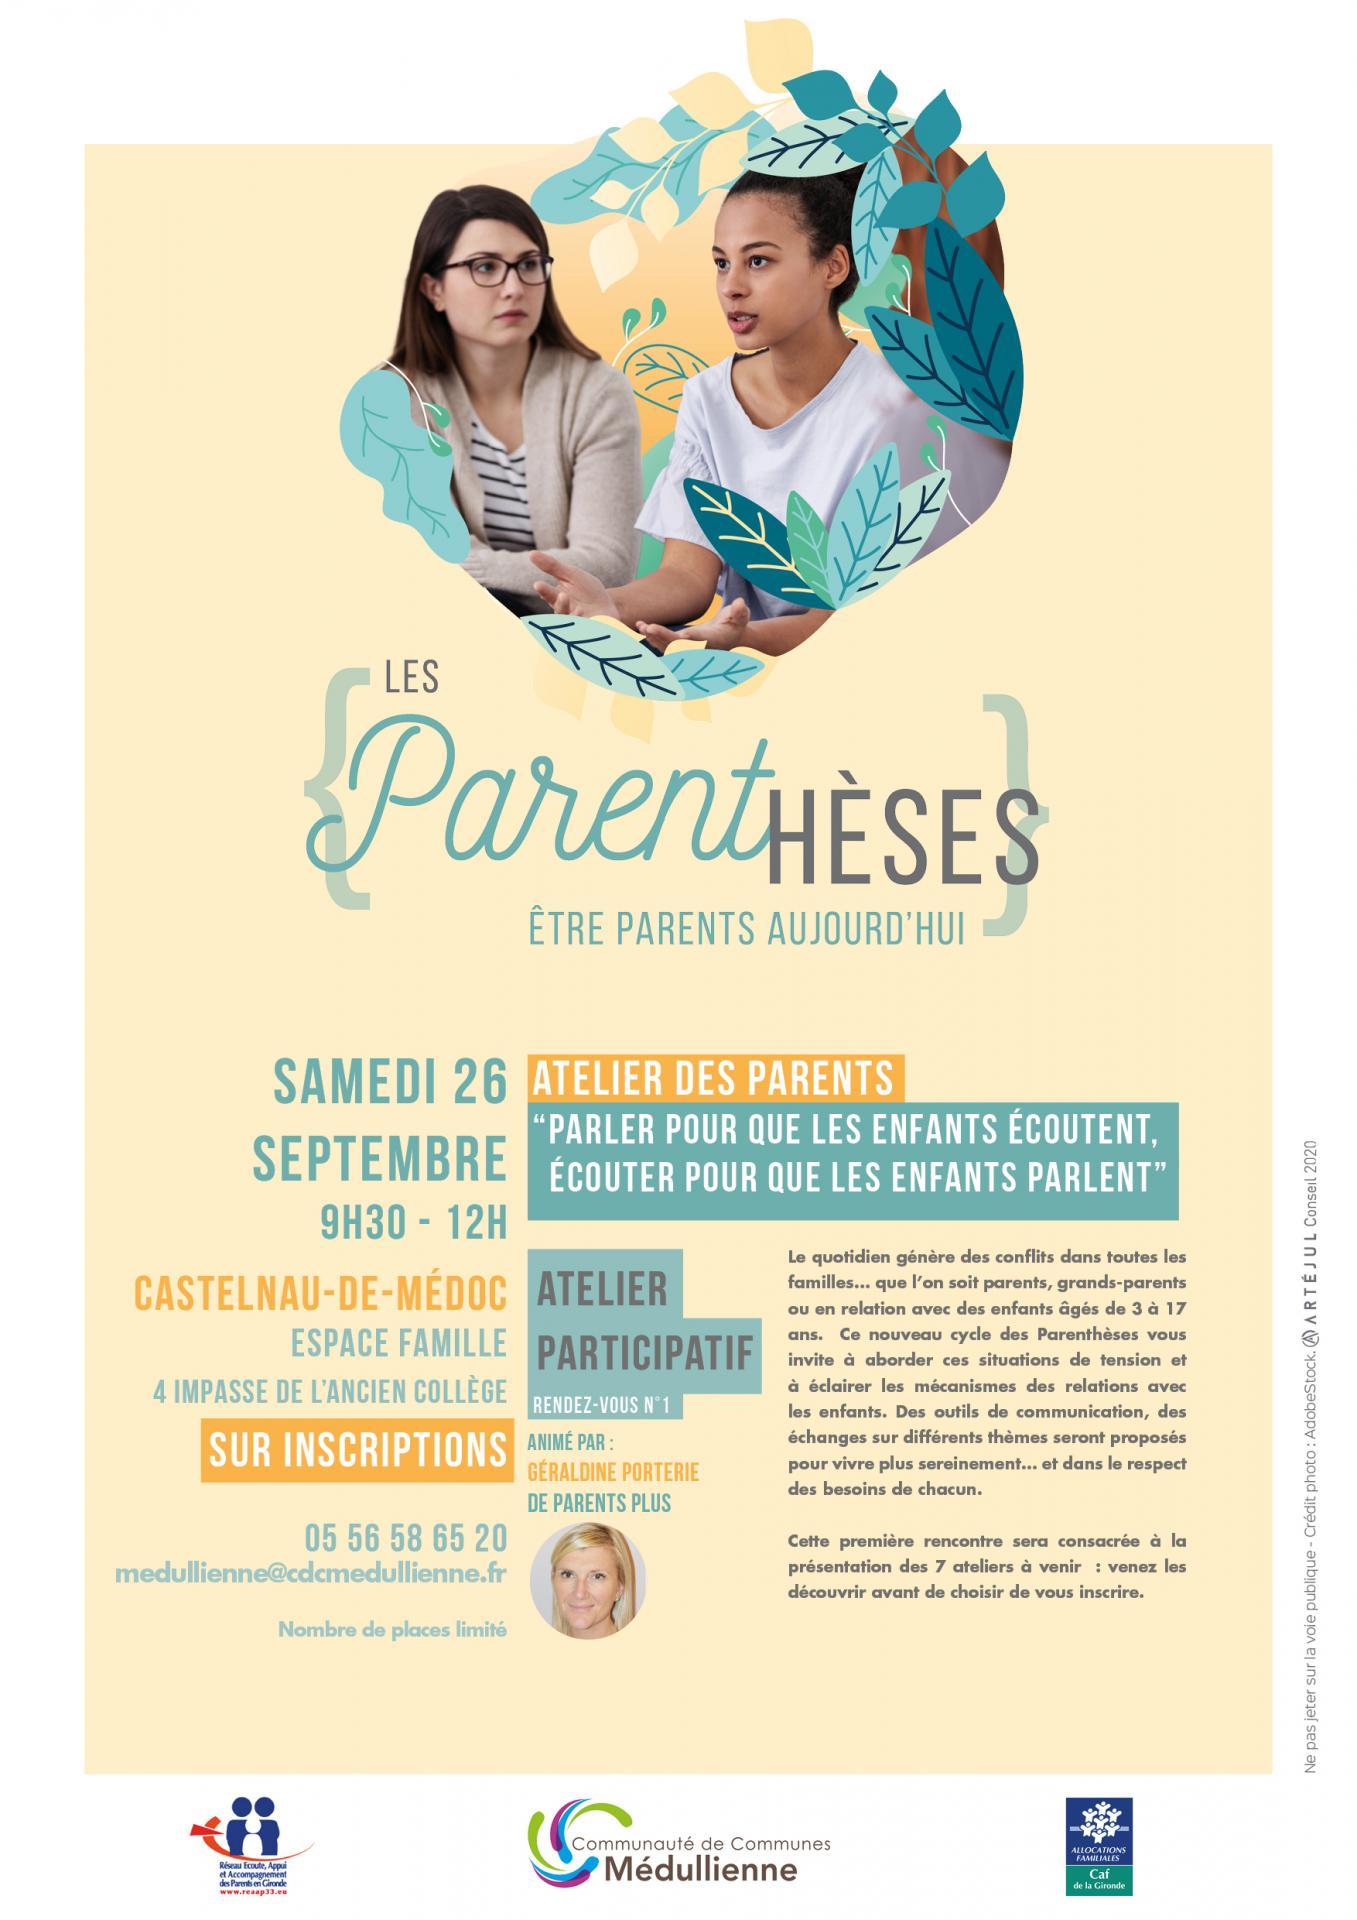 Ateliers parents 26 sept